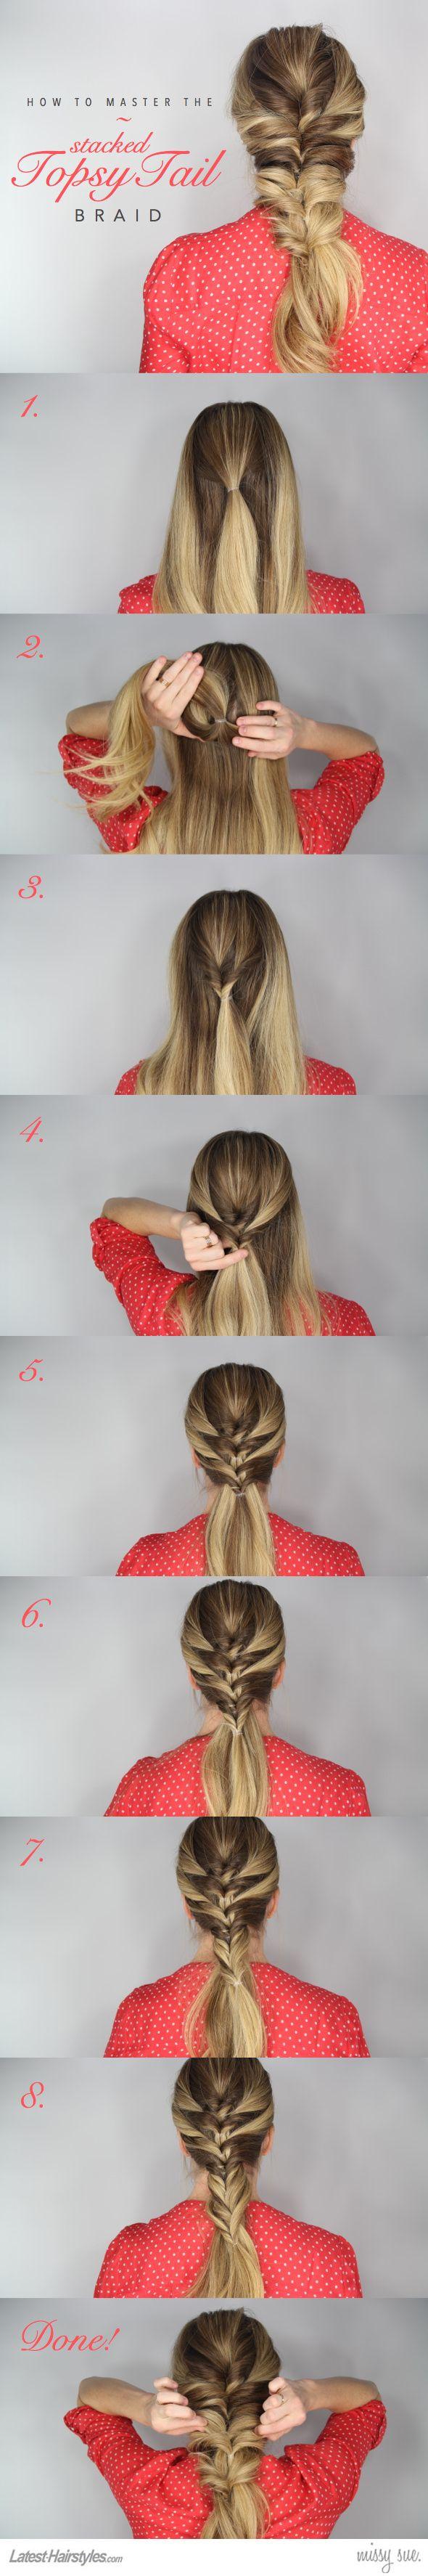 476 best Easy Hair Styles for Travel images on Pinterest